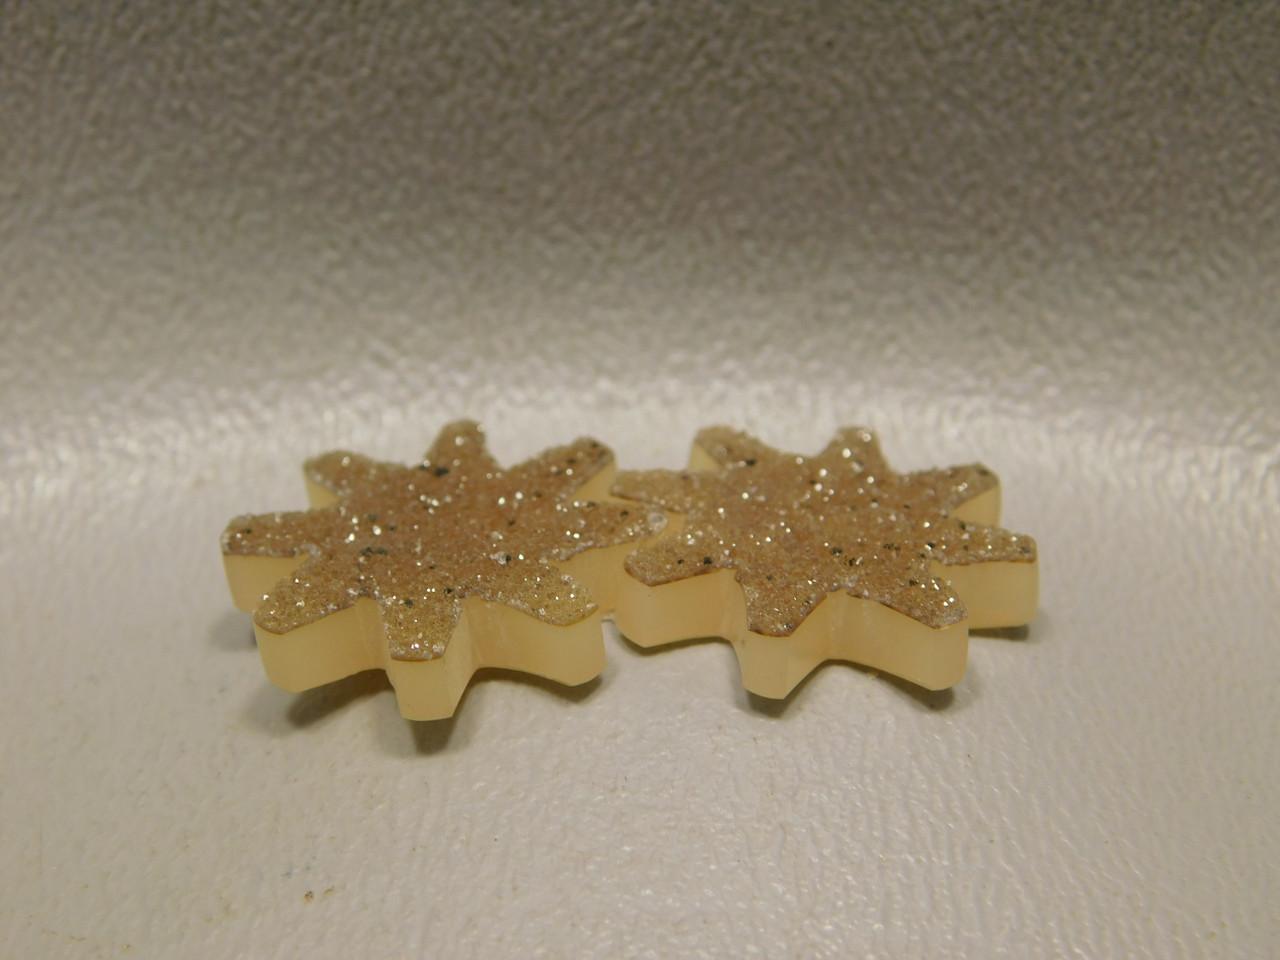 Brazilian Agate Drusy Druse Crystal Custom Cut Star Cabochons #6